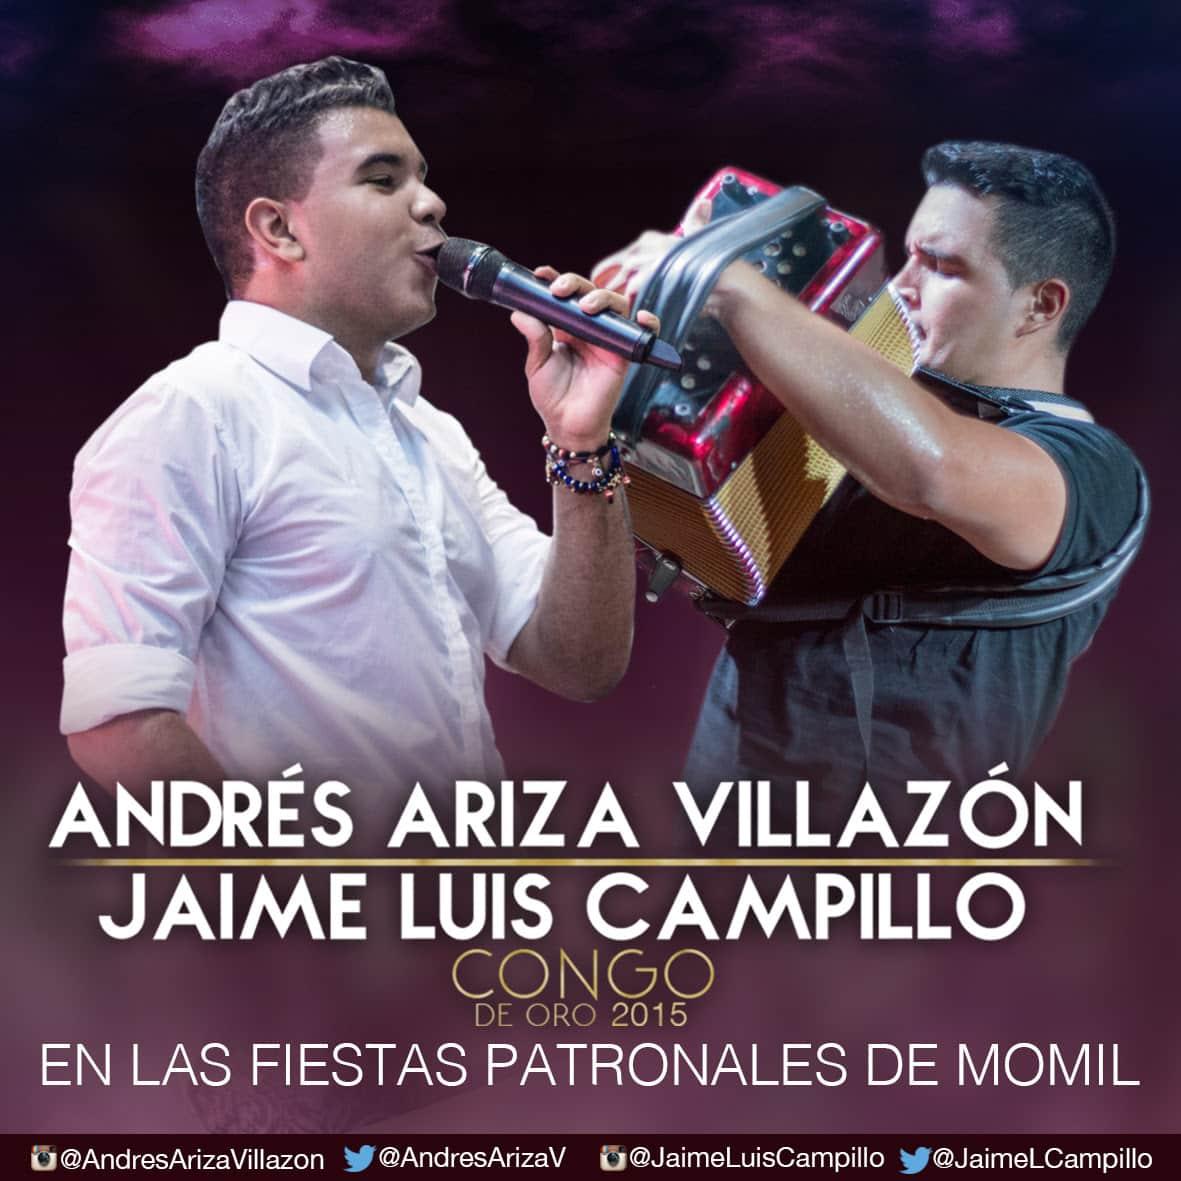 Andrés Ariza Villazón y Jaime Luís Campillo en las fiestas patronales de Momil